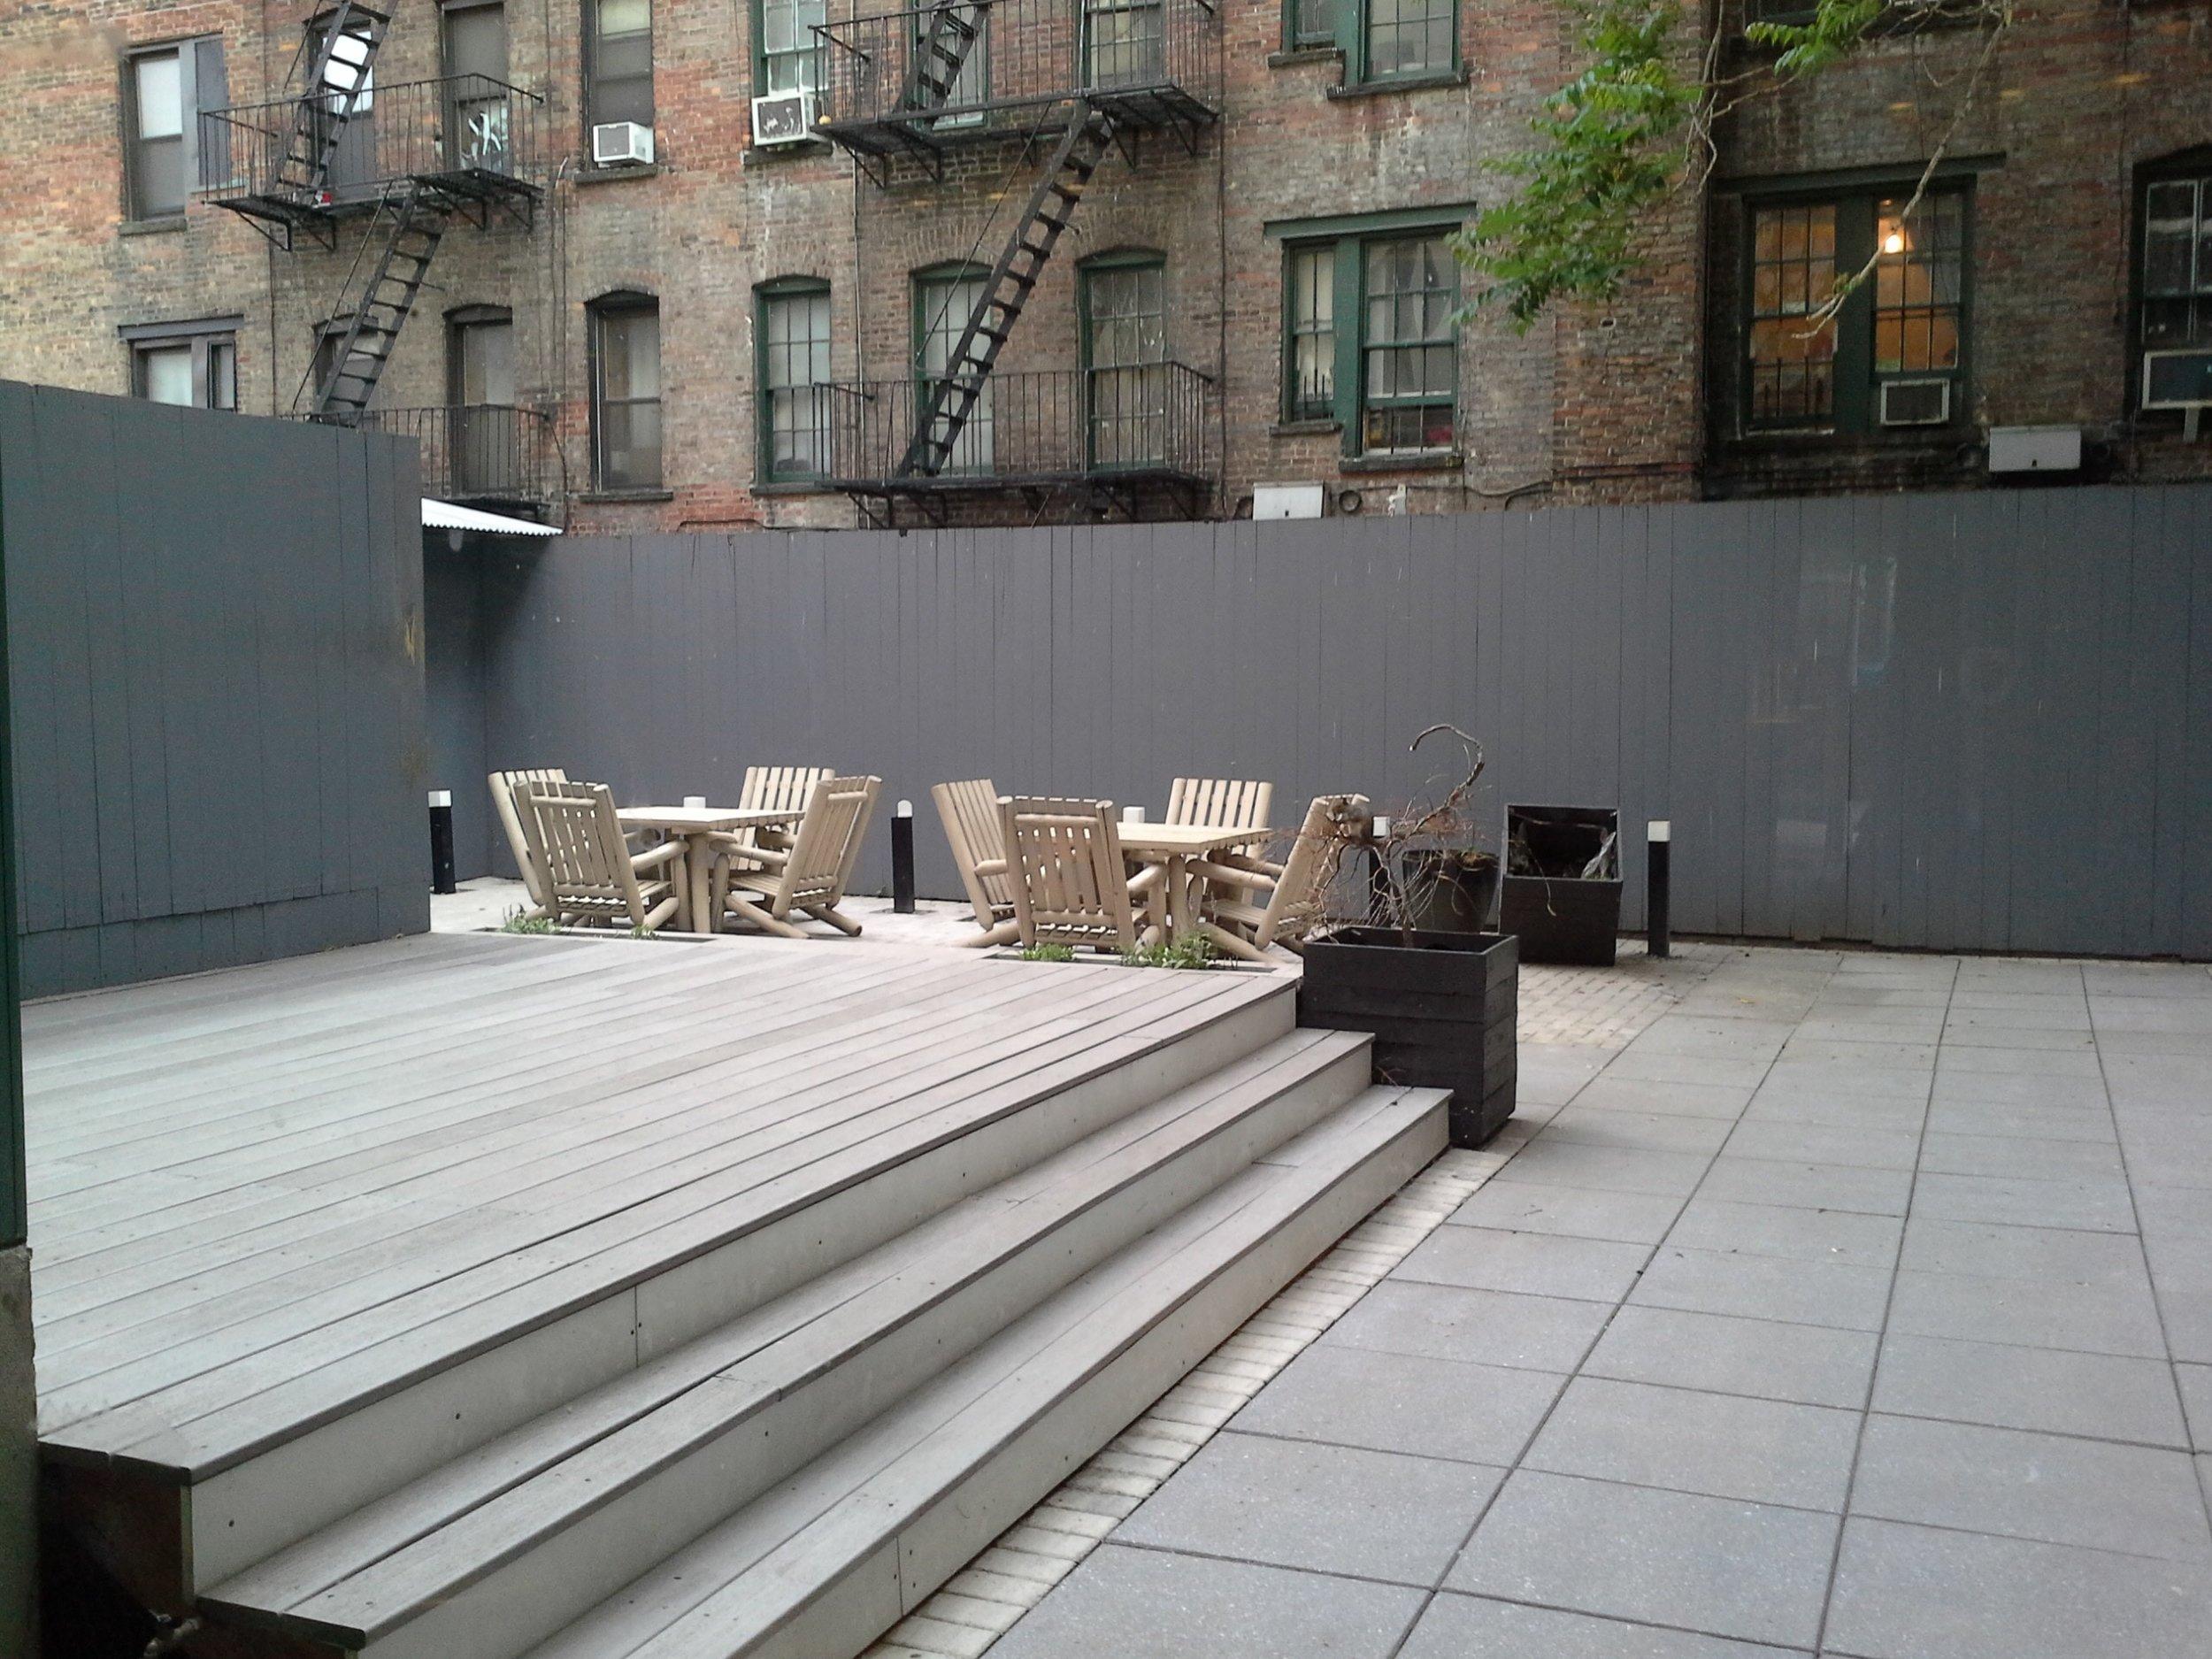 330e109 #4b building backyard.jpg